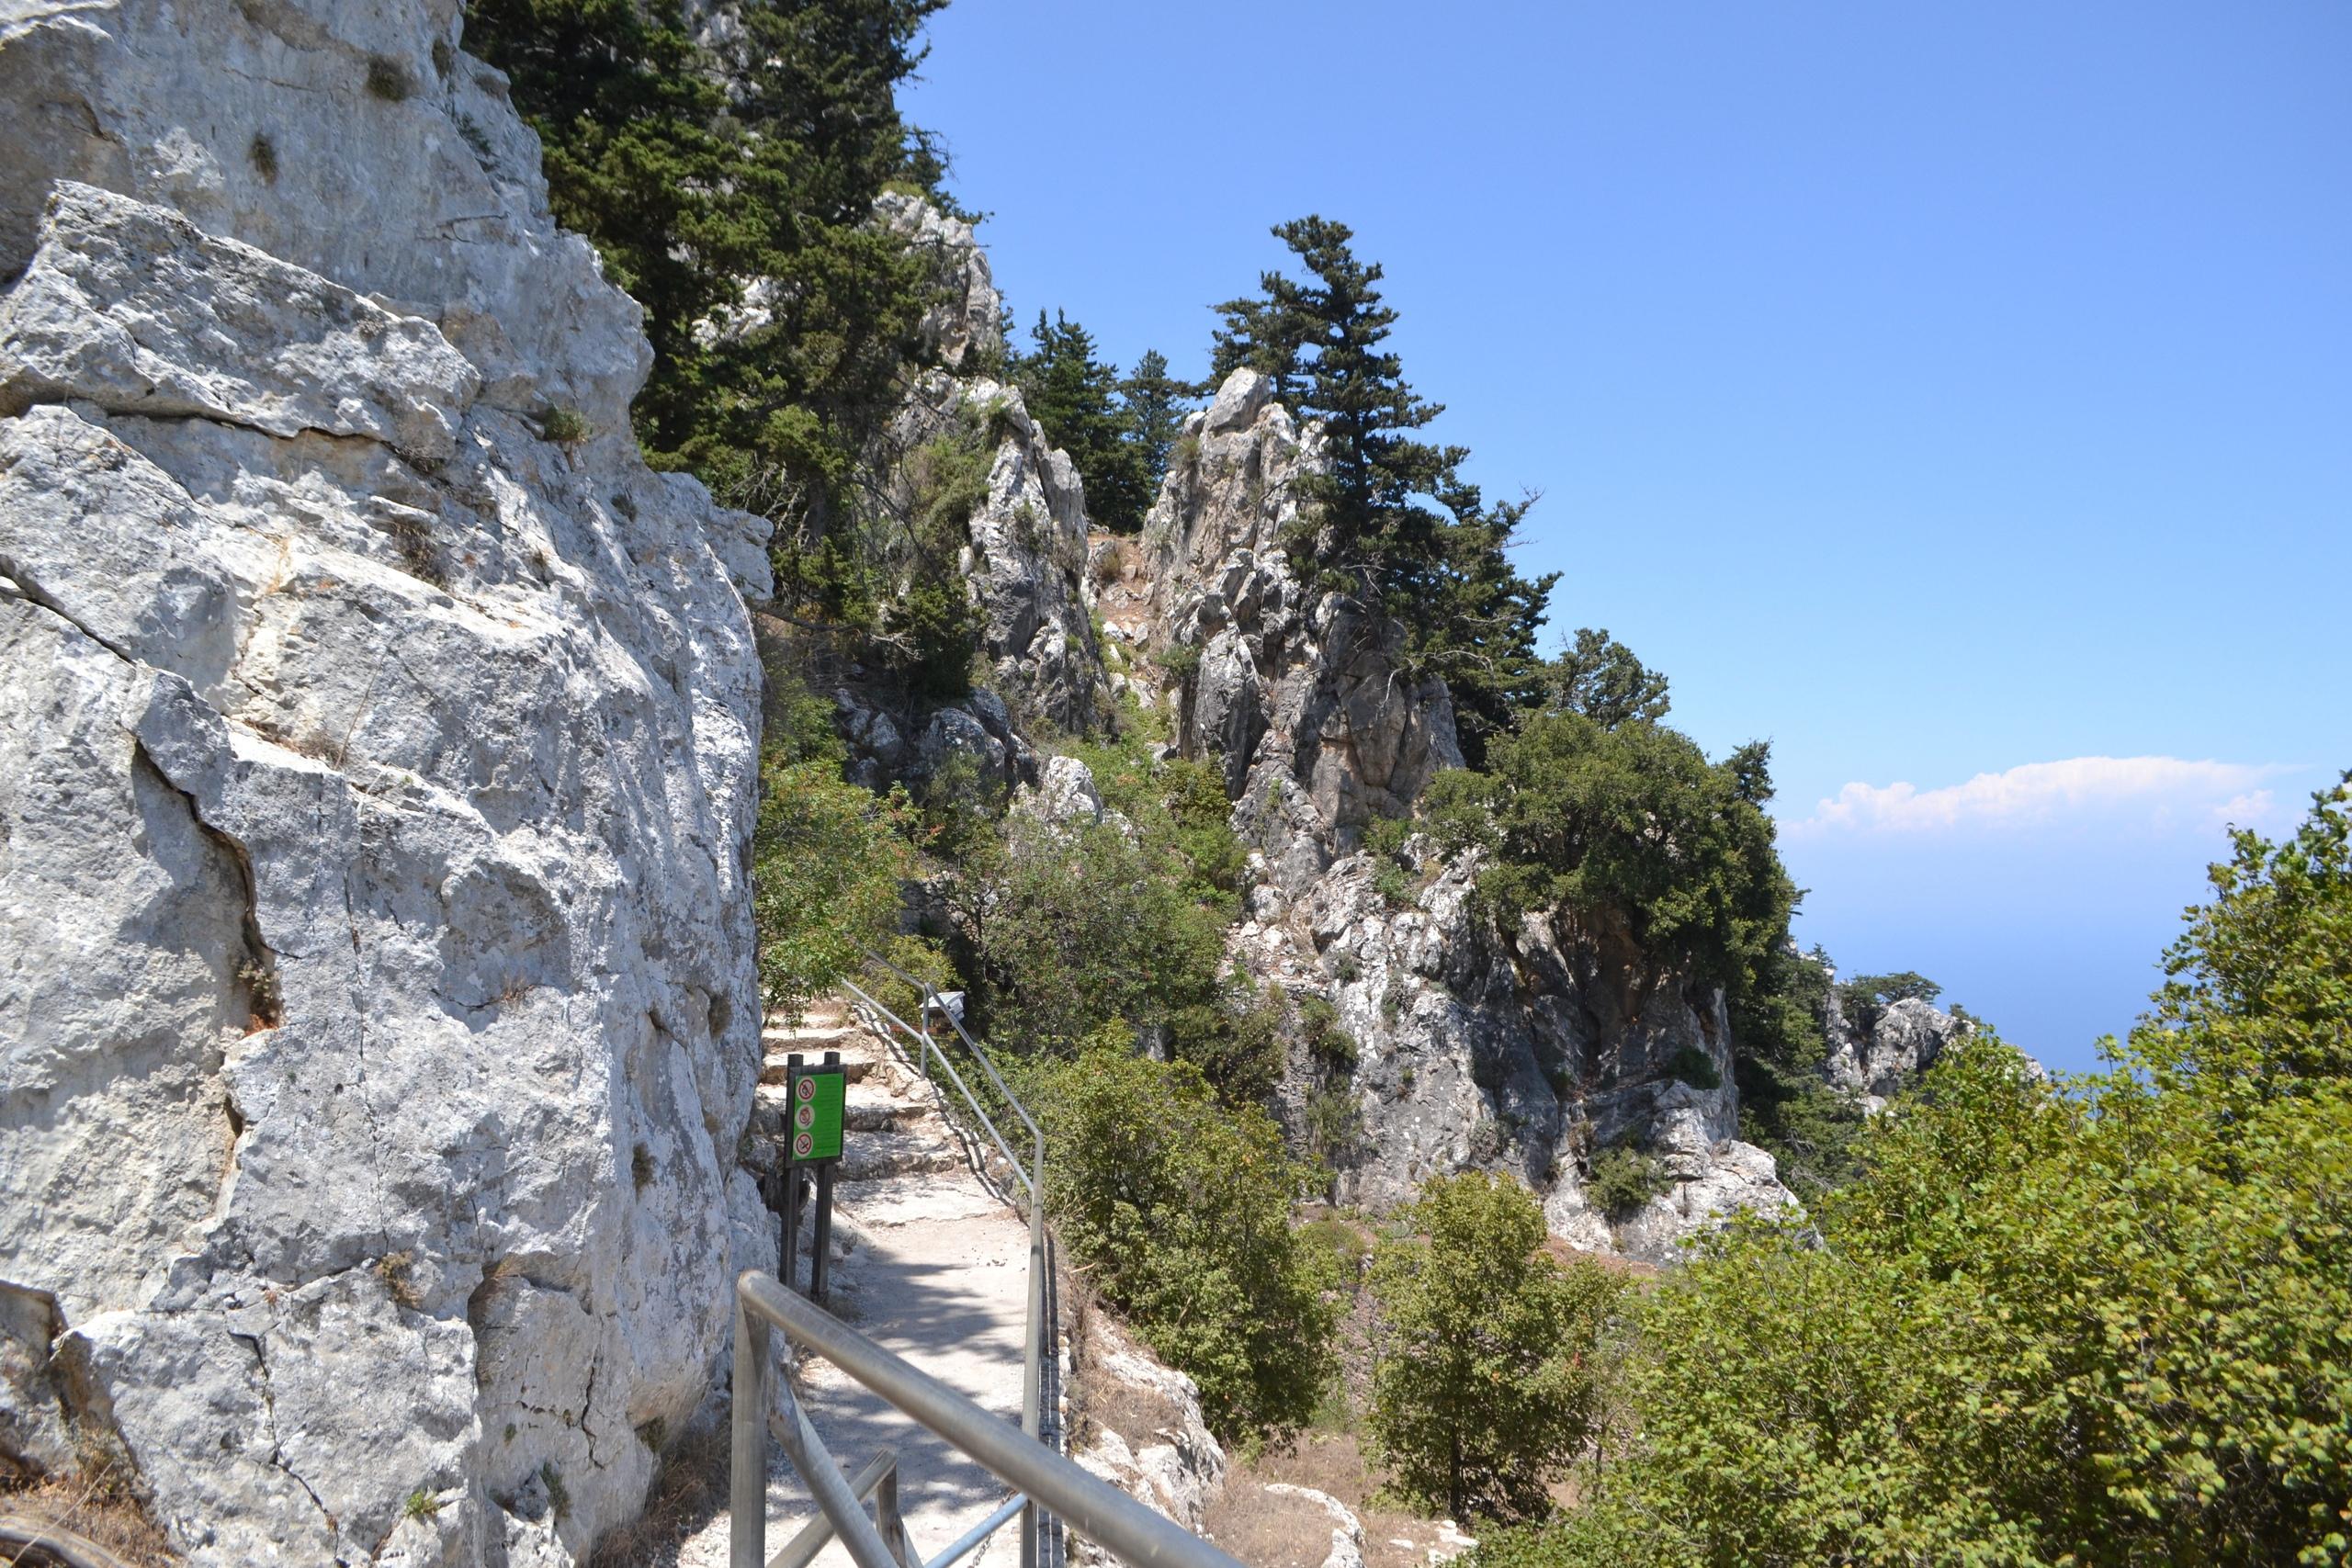 Северный Кипр. Замок Святого Иллариона. (фото). - Страница 2 8J6A_mGULlU